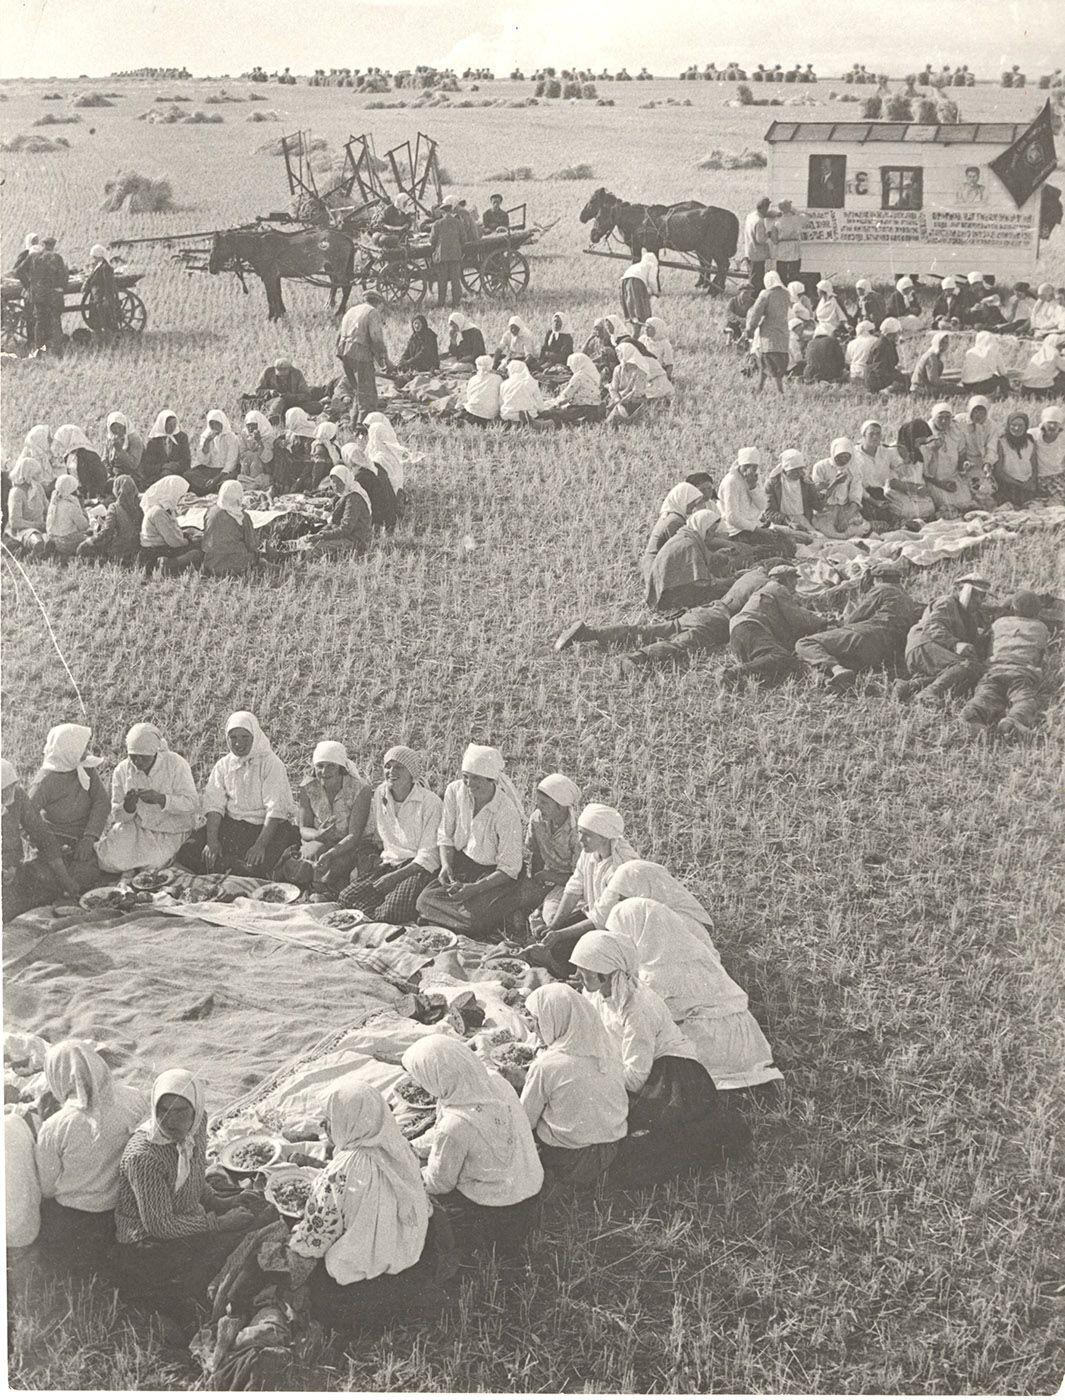 Lunch in the Fields